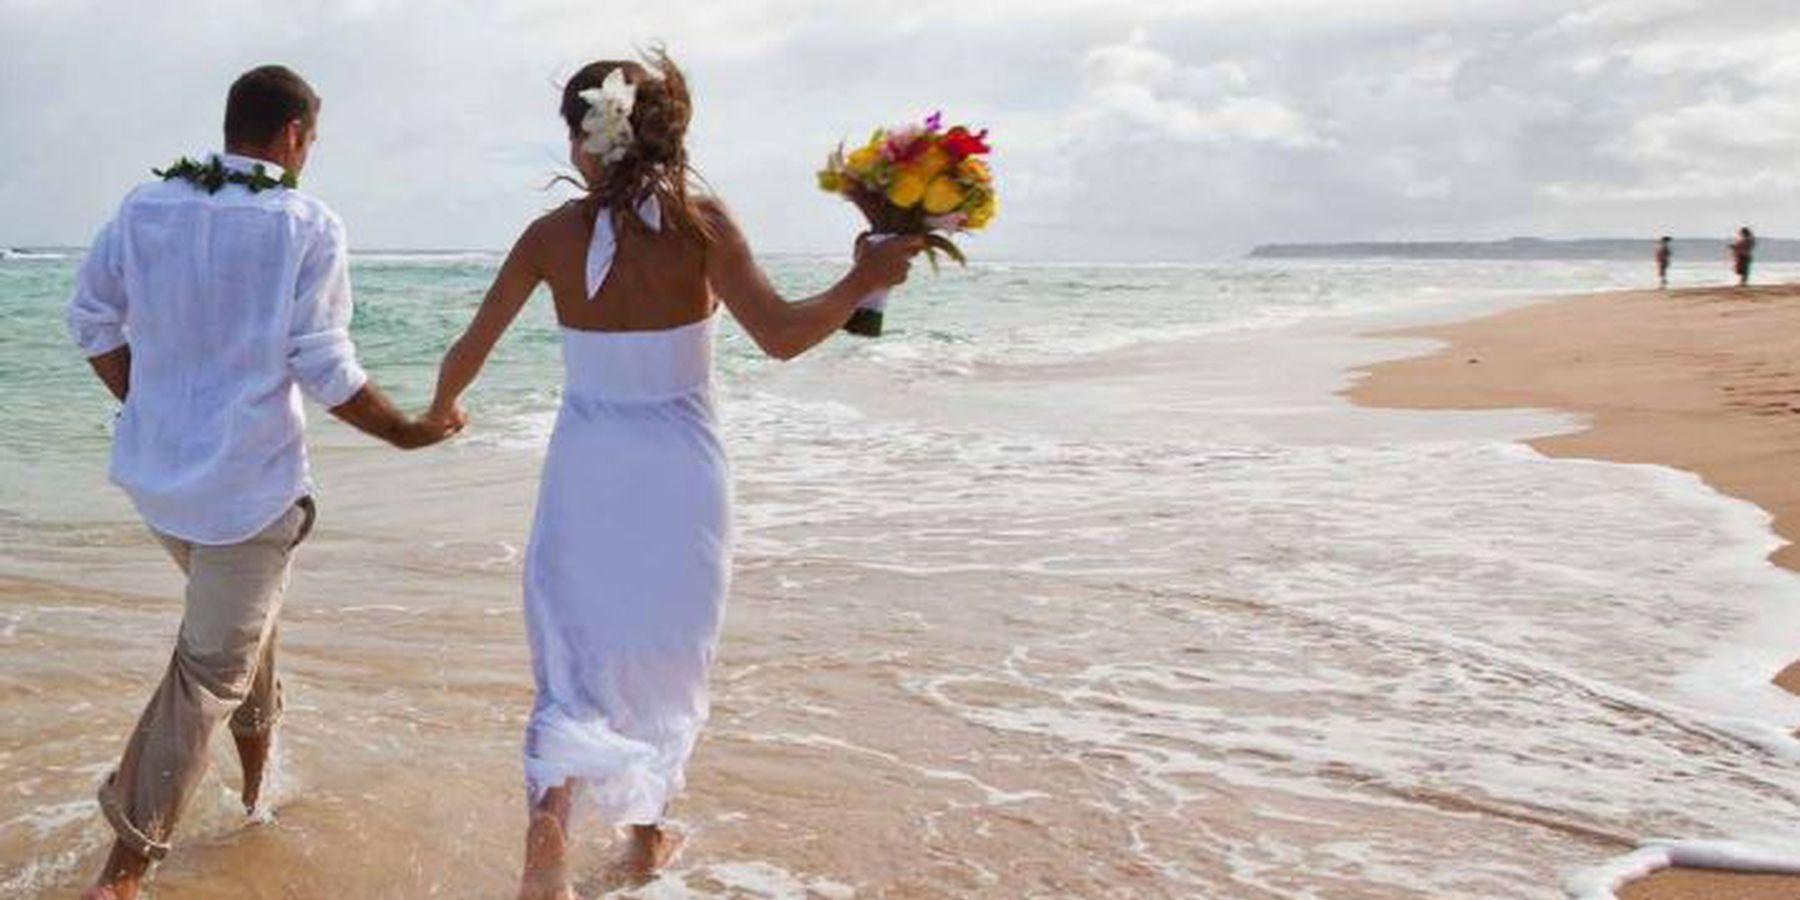 Trouwen op Maui - Hawaii - Doets Reizen